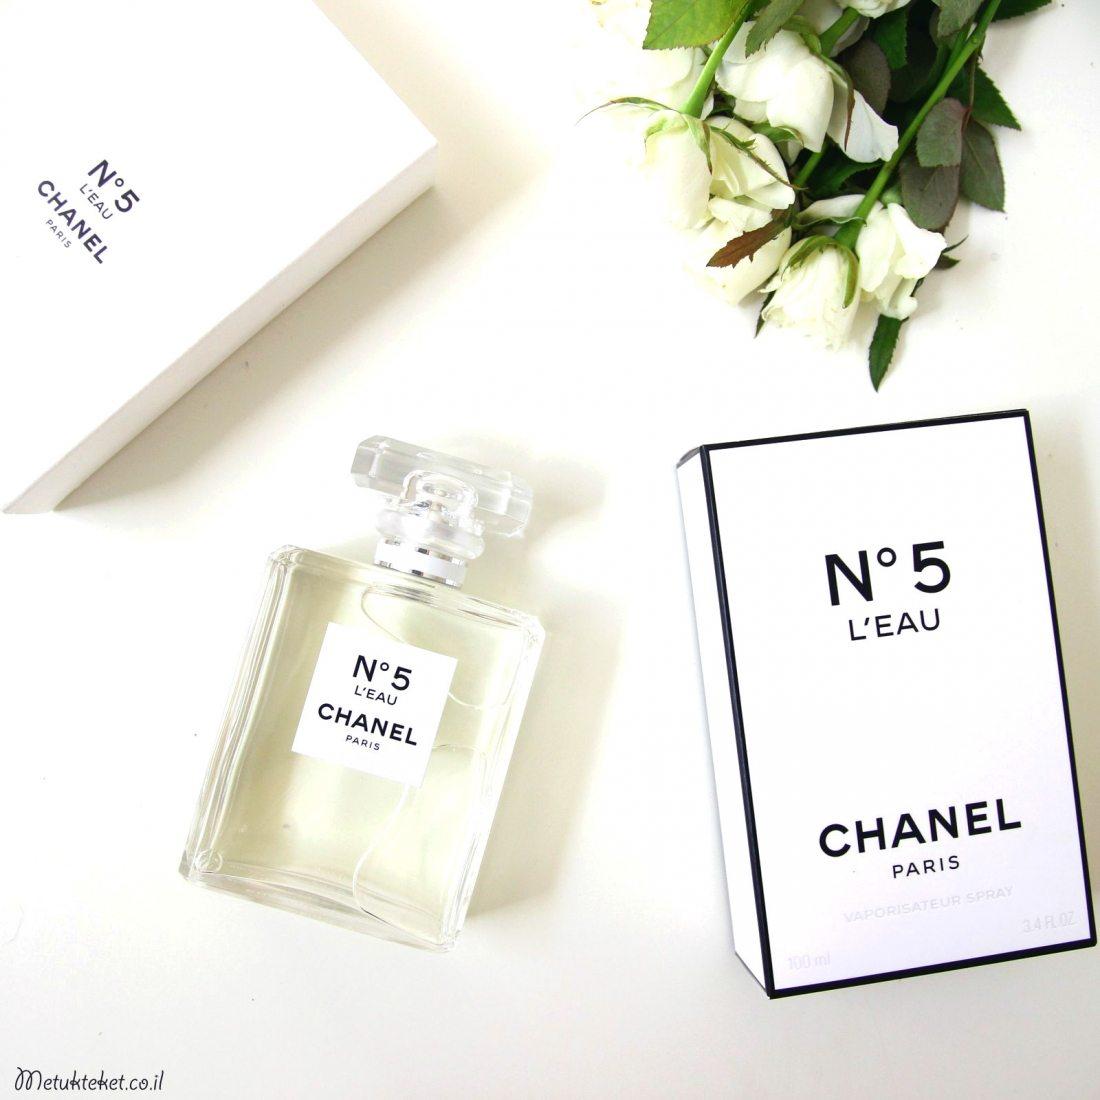 שאנל 5 חדש, שאנל, בושם, מומלץ, CHANEL, Chanel 5 L'eau